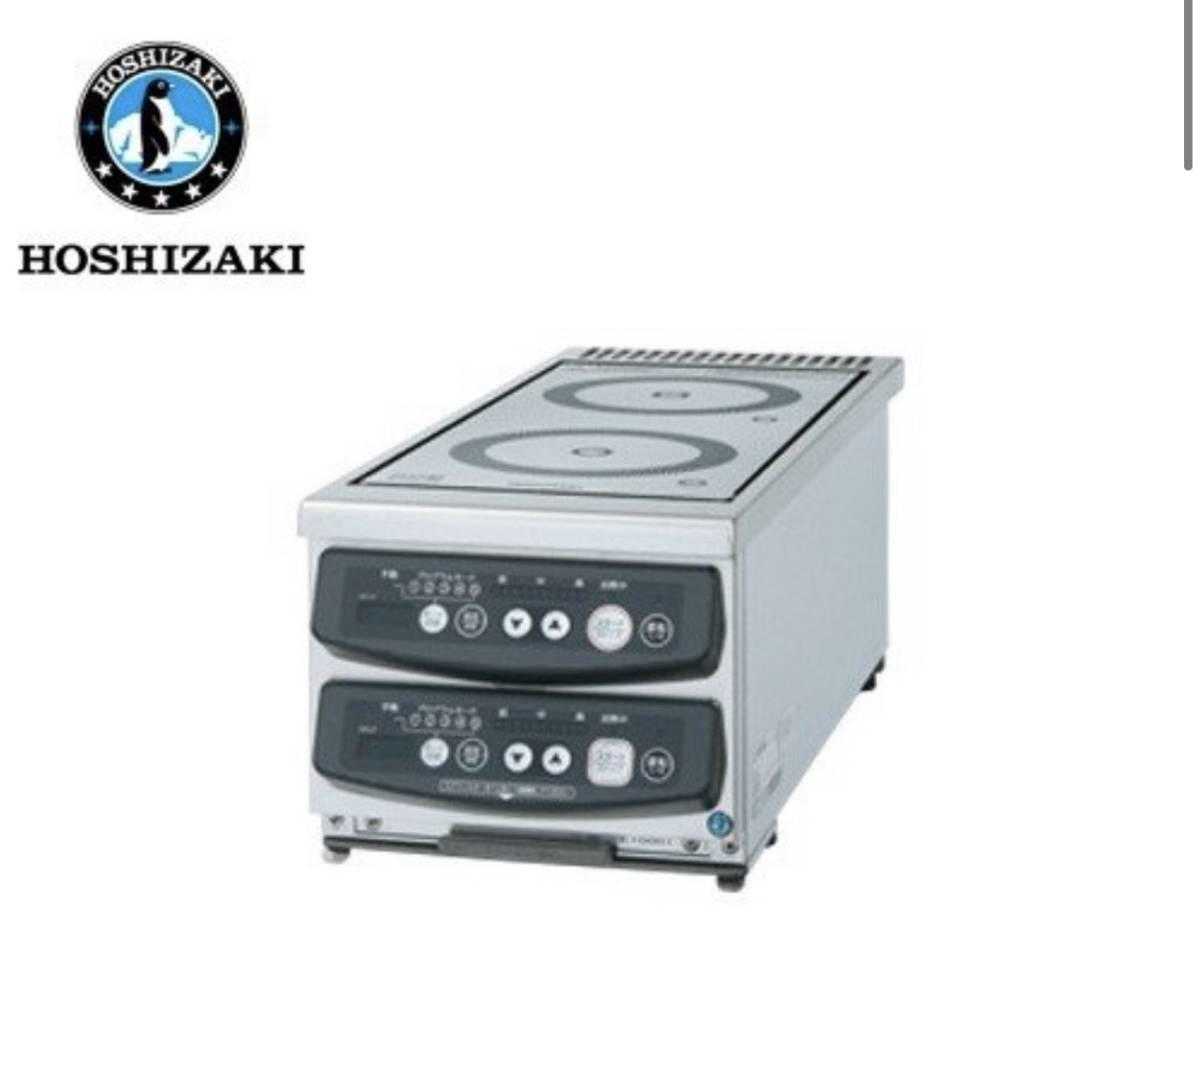 未使用保管品 HOSIZAKI/ホシザキ 業務用 卓上 電磁調理器 縦2口IHコンロ 2019年製 HIH-11RE-1_画像1